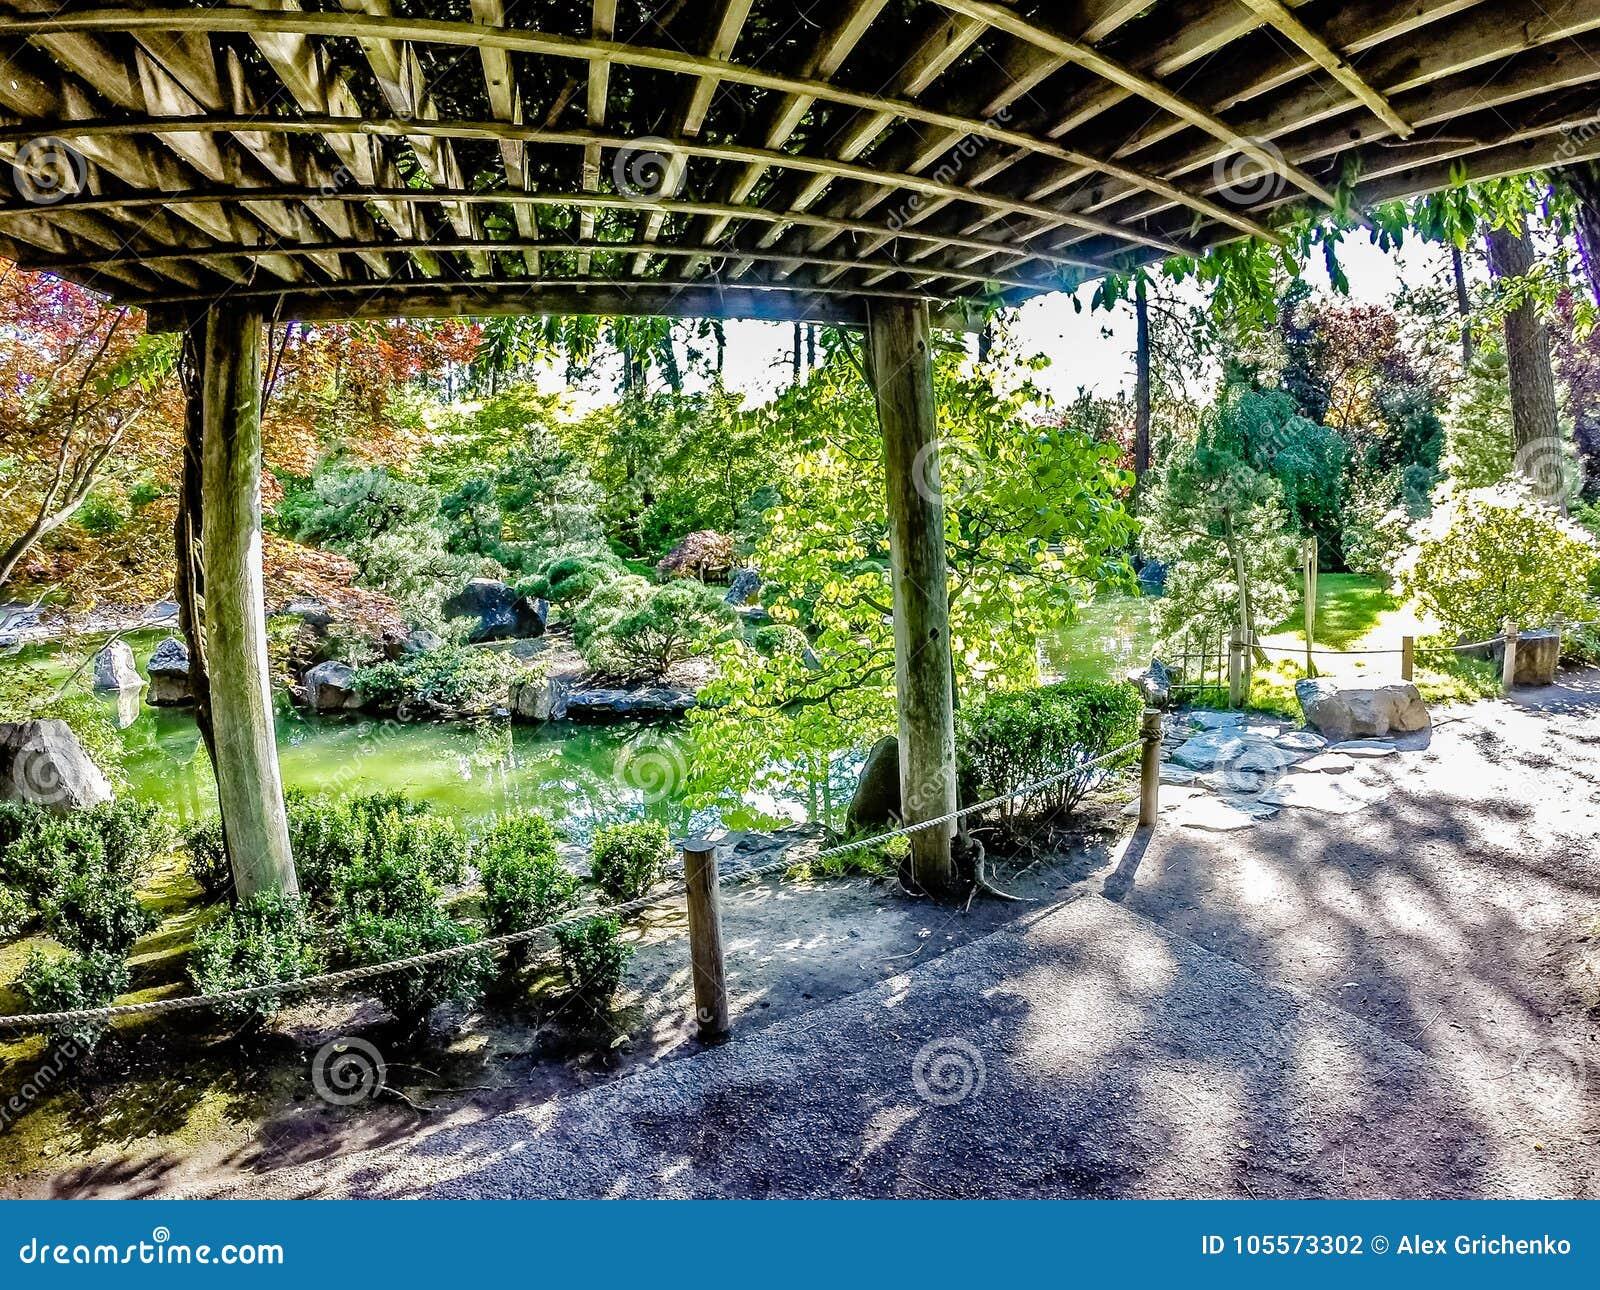 Manito公园的美丽的日本庭院在斯波肯,华盛顿州